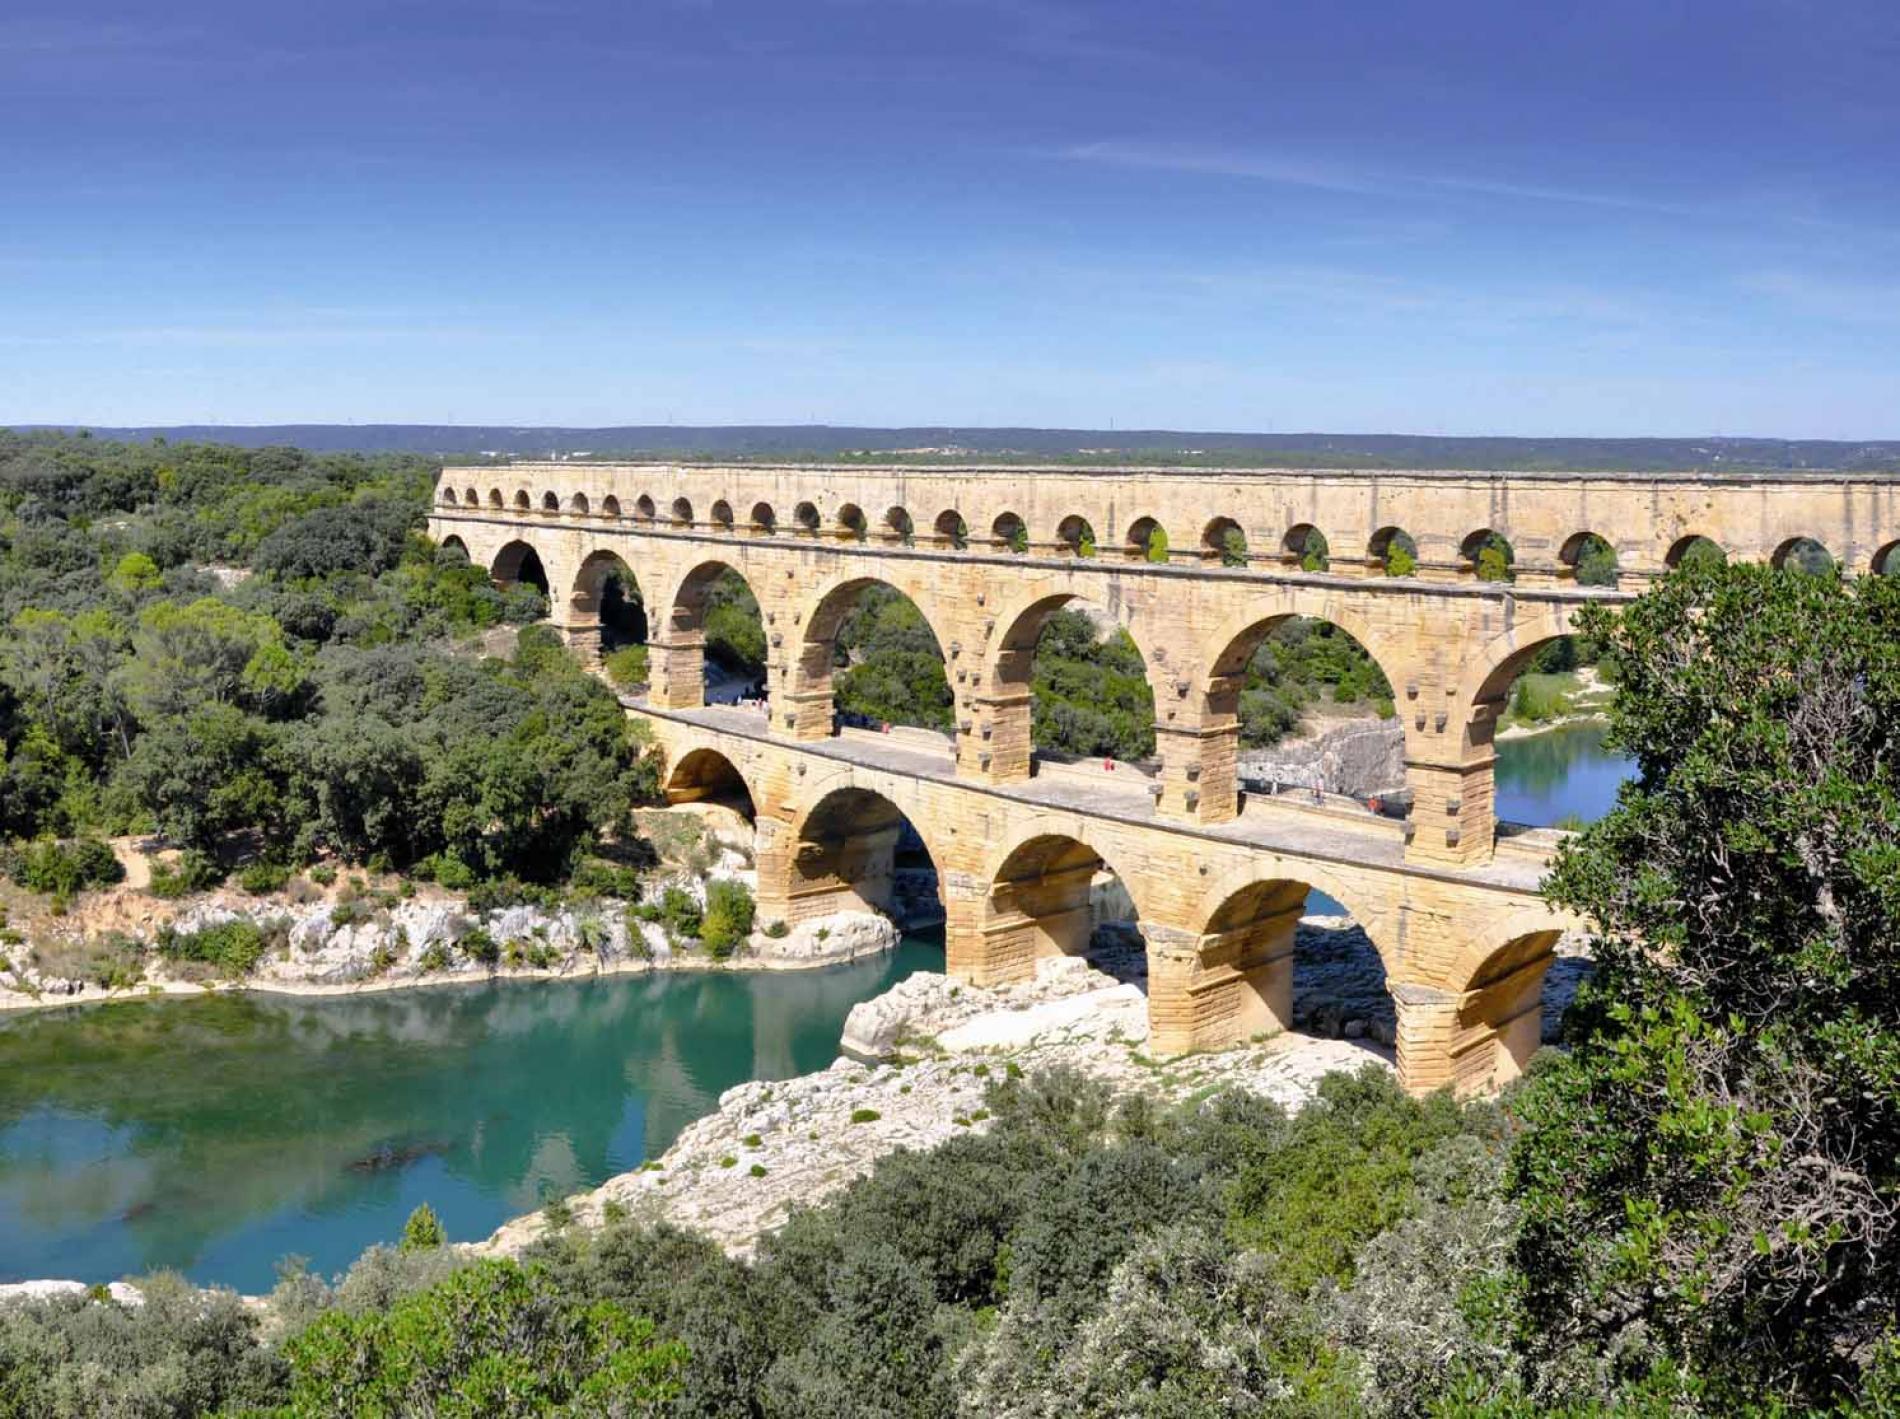 Le Pont du Gard, classé au patrimoine mondial par l'Unesco